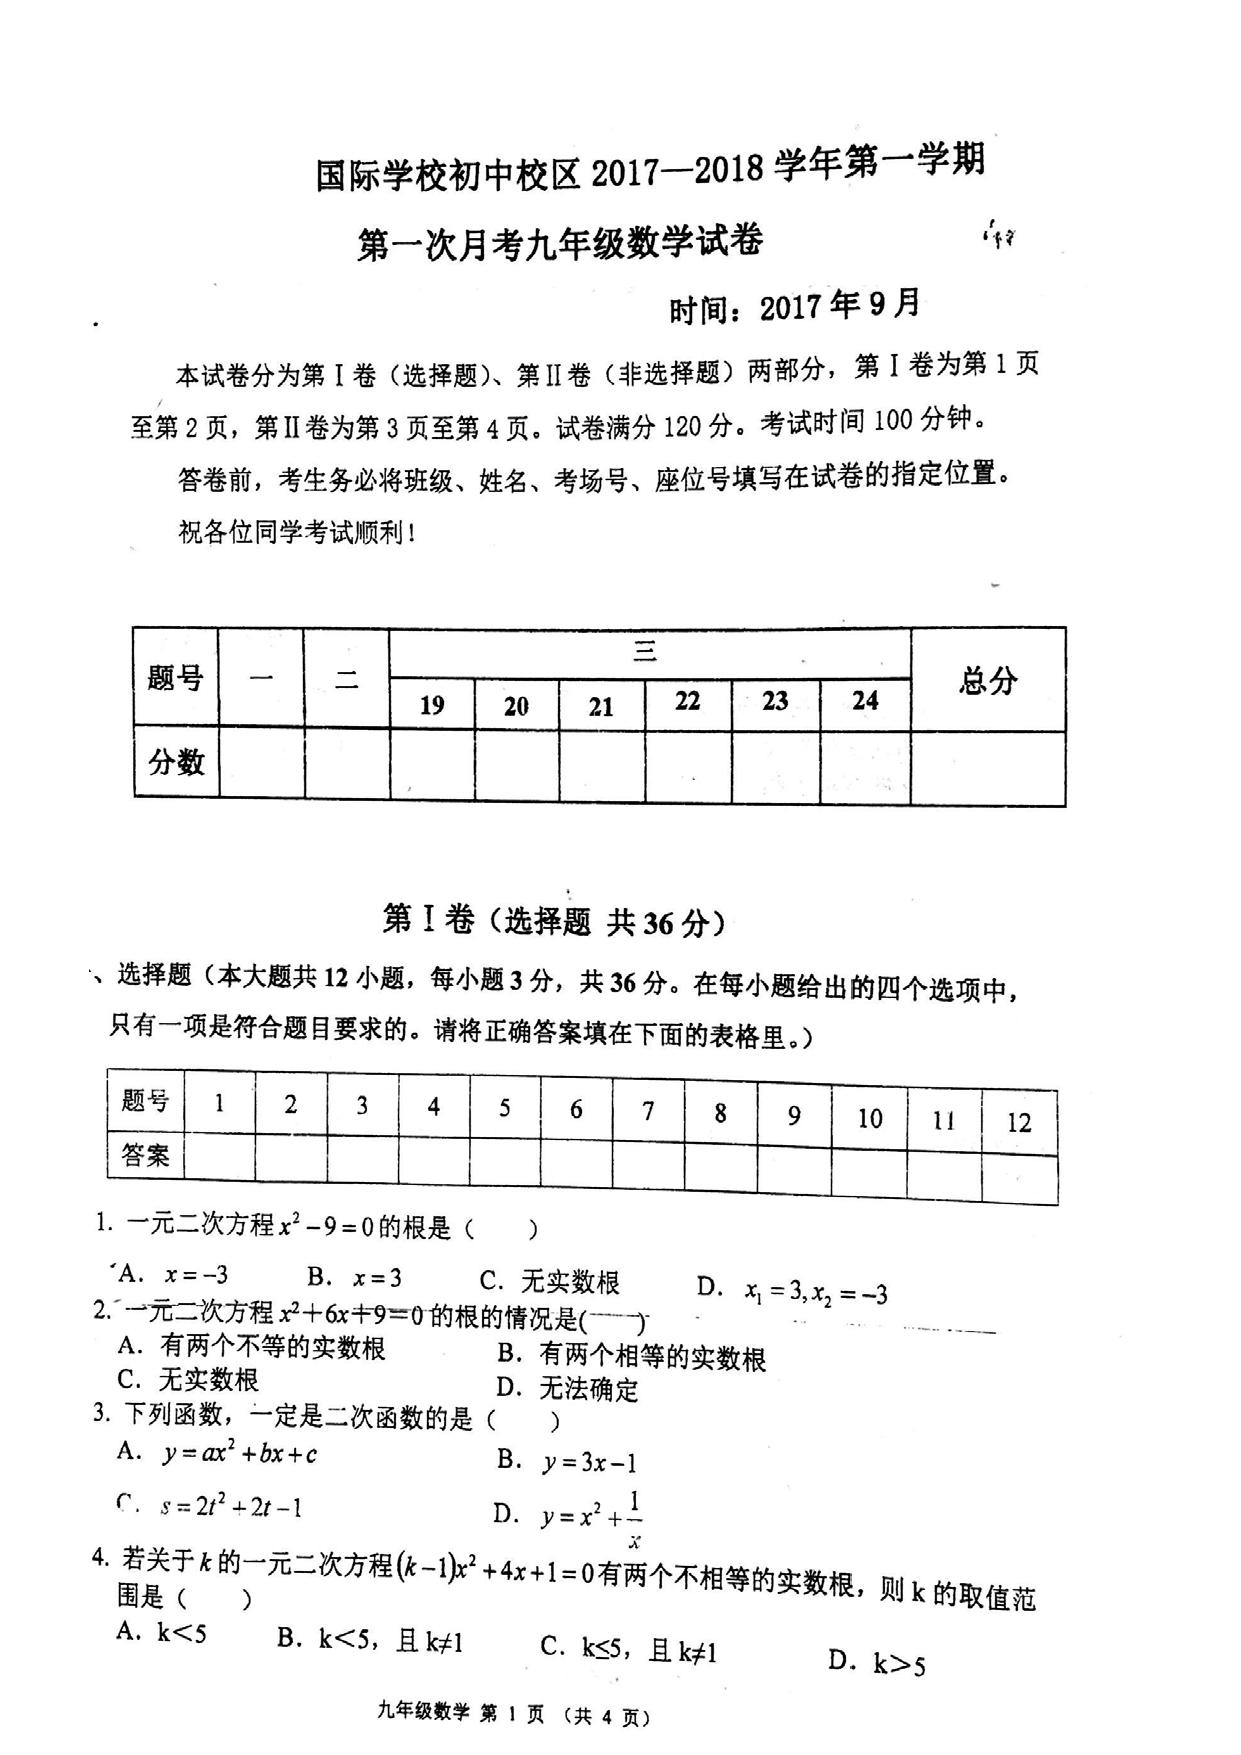 北京顺义国际学校2017-2018九年级第一学期第一次月考数学试卷(图片版)